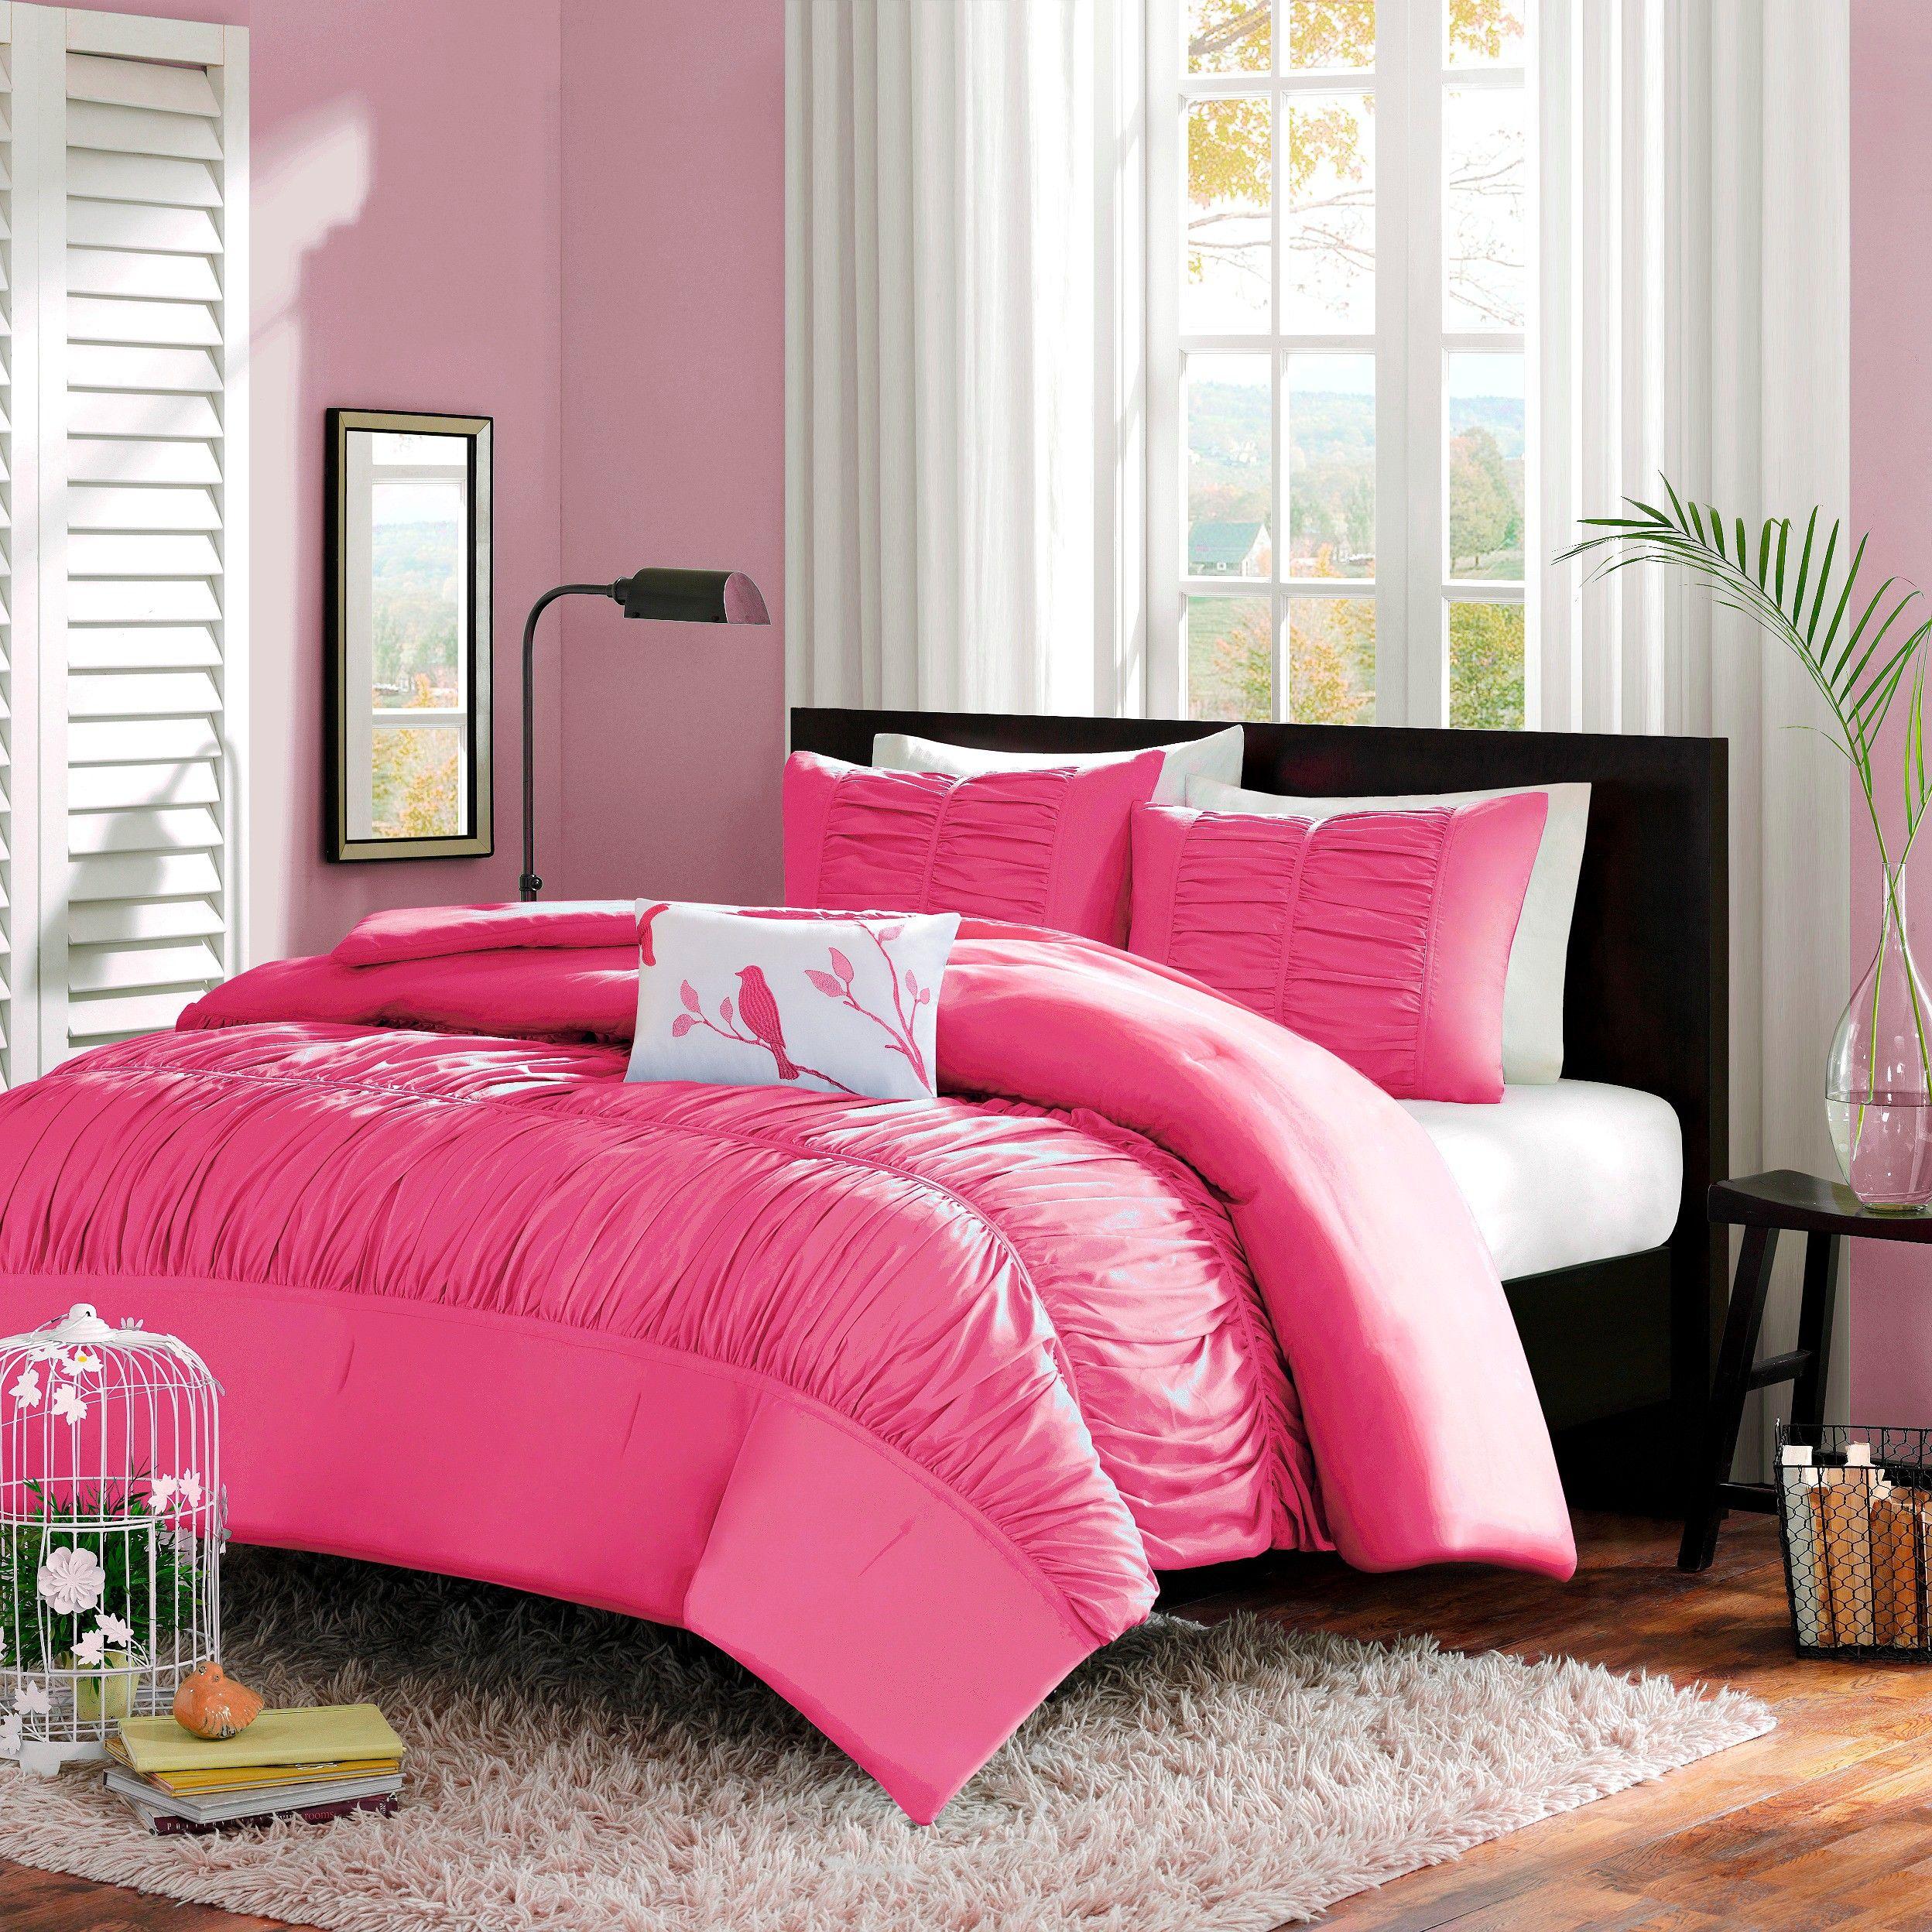 haley 4 piece comforter set  pink fullqueen